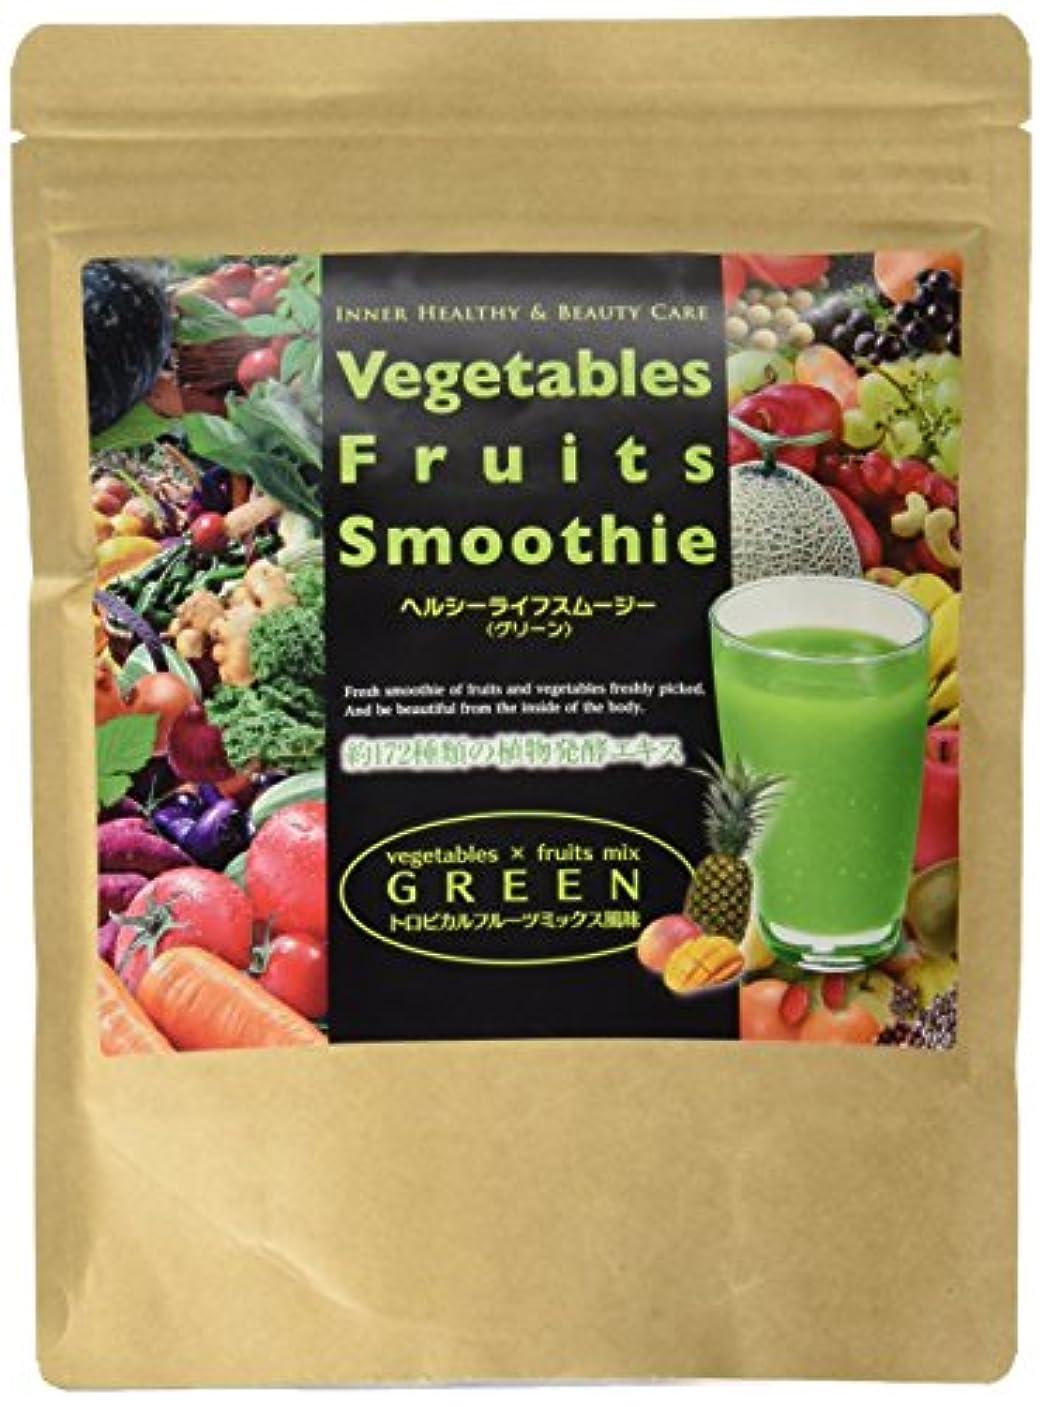 バンジージャンプ退院材料Vegetables Fruits Smoothie ヘルシーライフスムージー(グリーン)トロピカルフルーツミックス味 300g 日本製